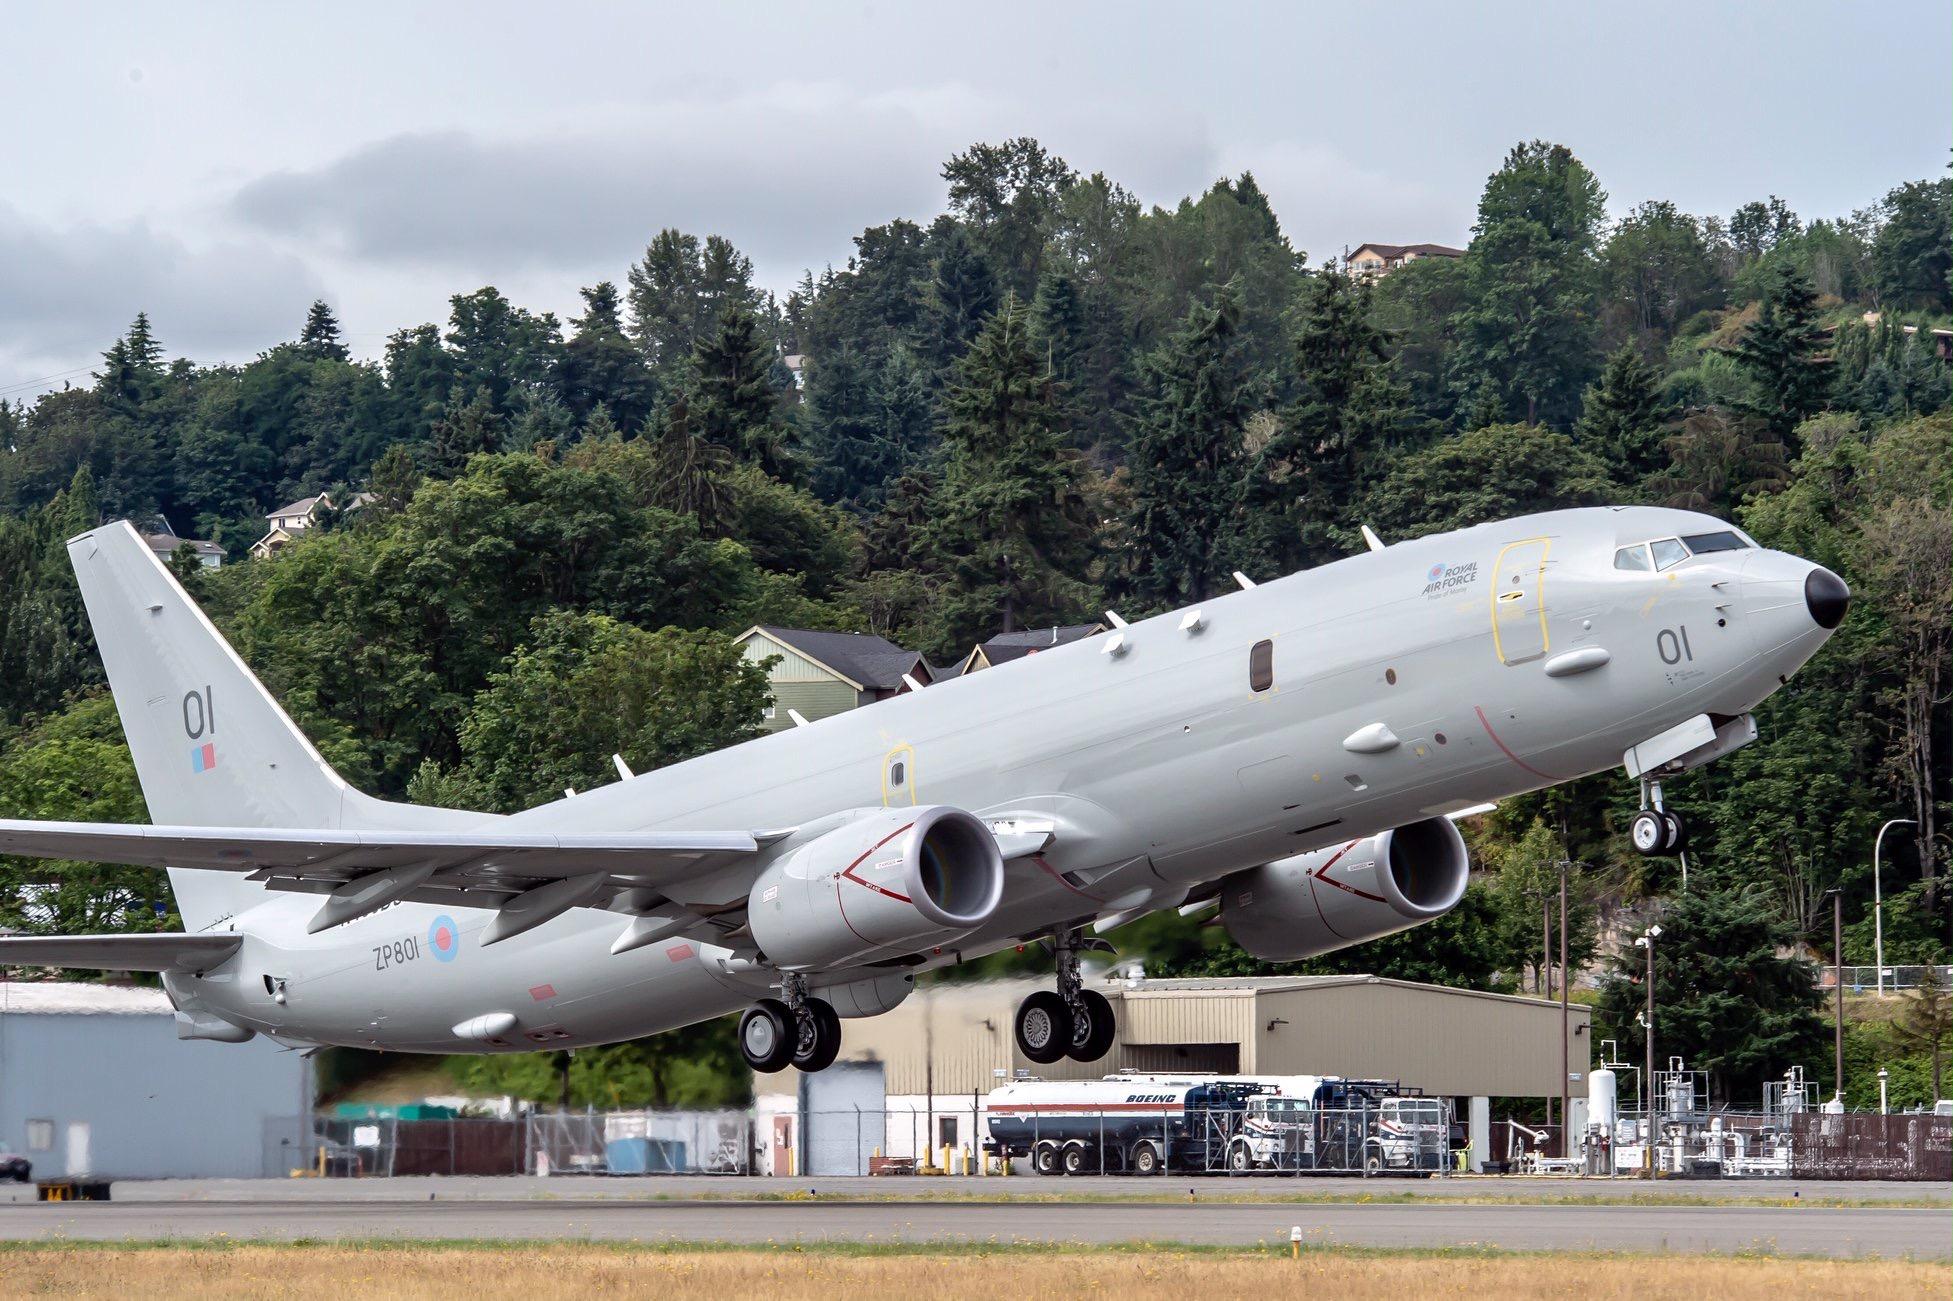 66A9A8F6-CF4F-487C-B92D-4823CE7033FF.jpeg